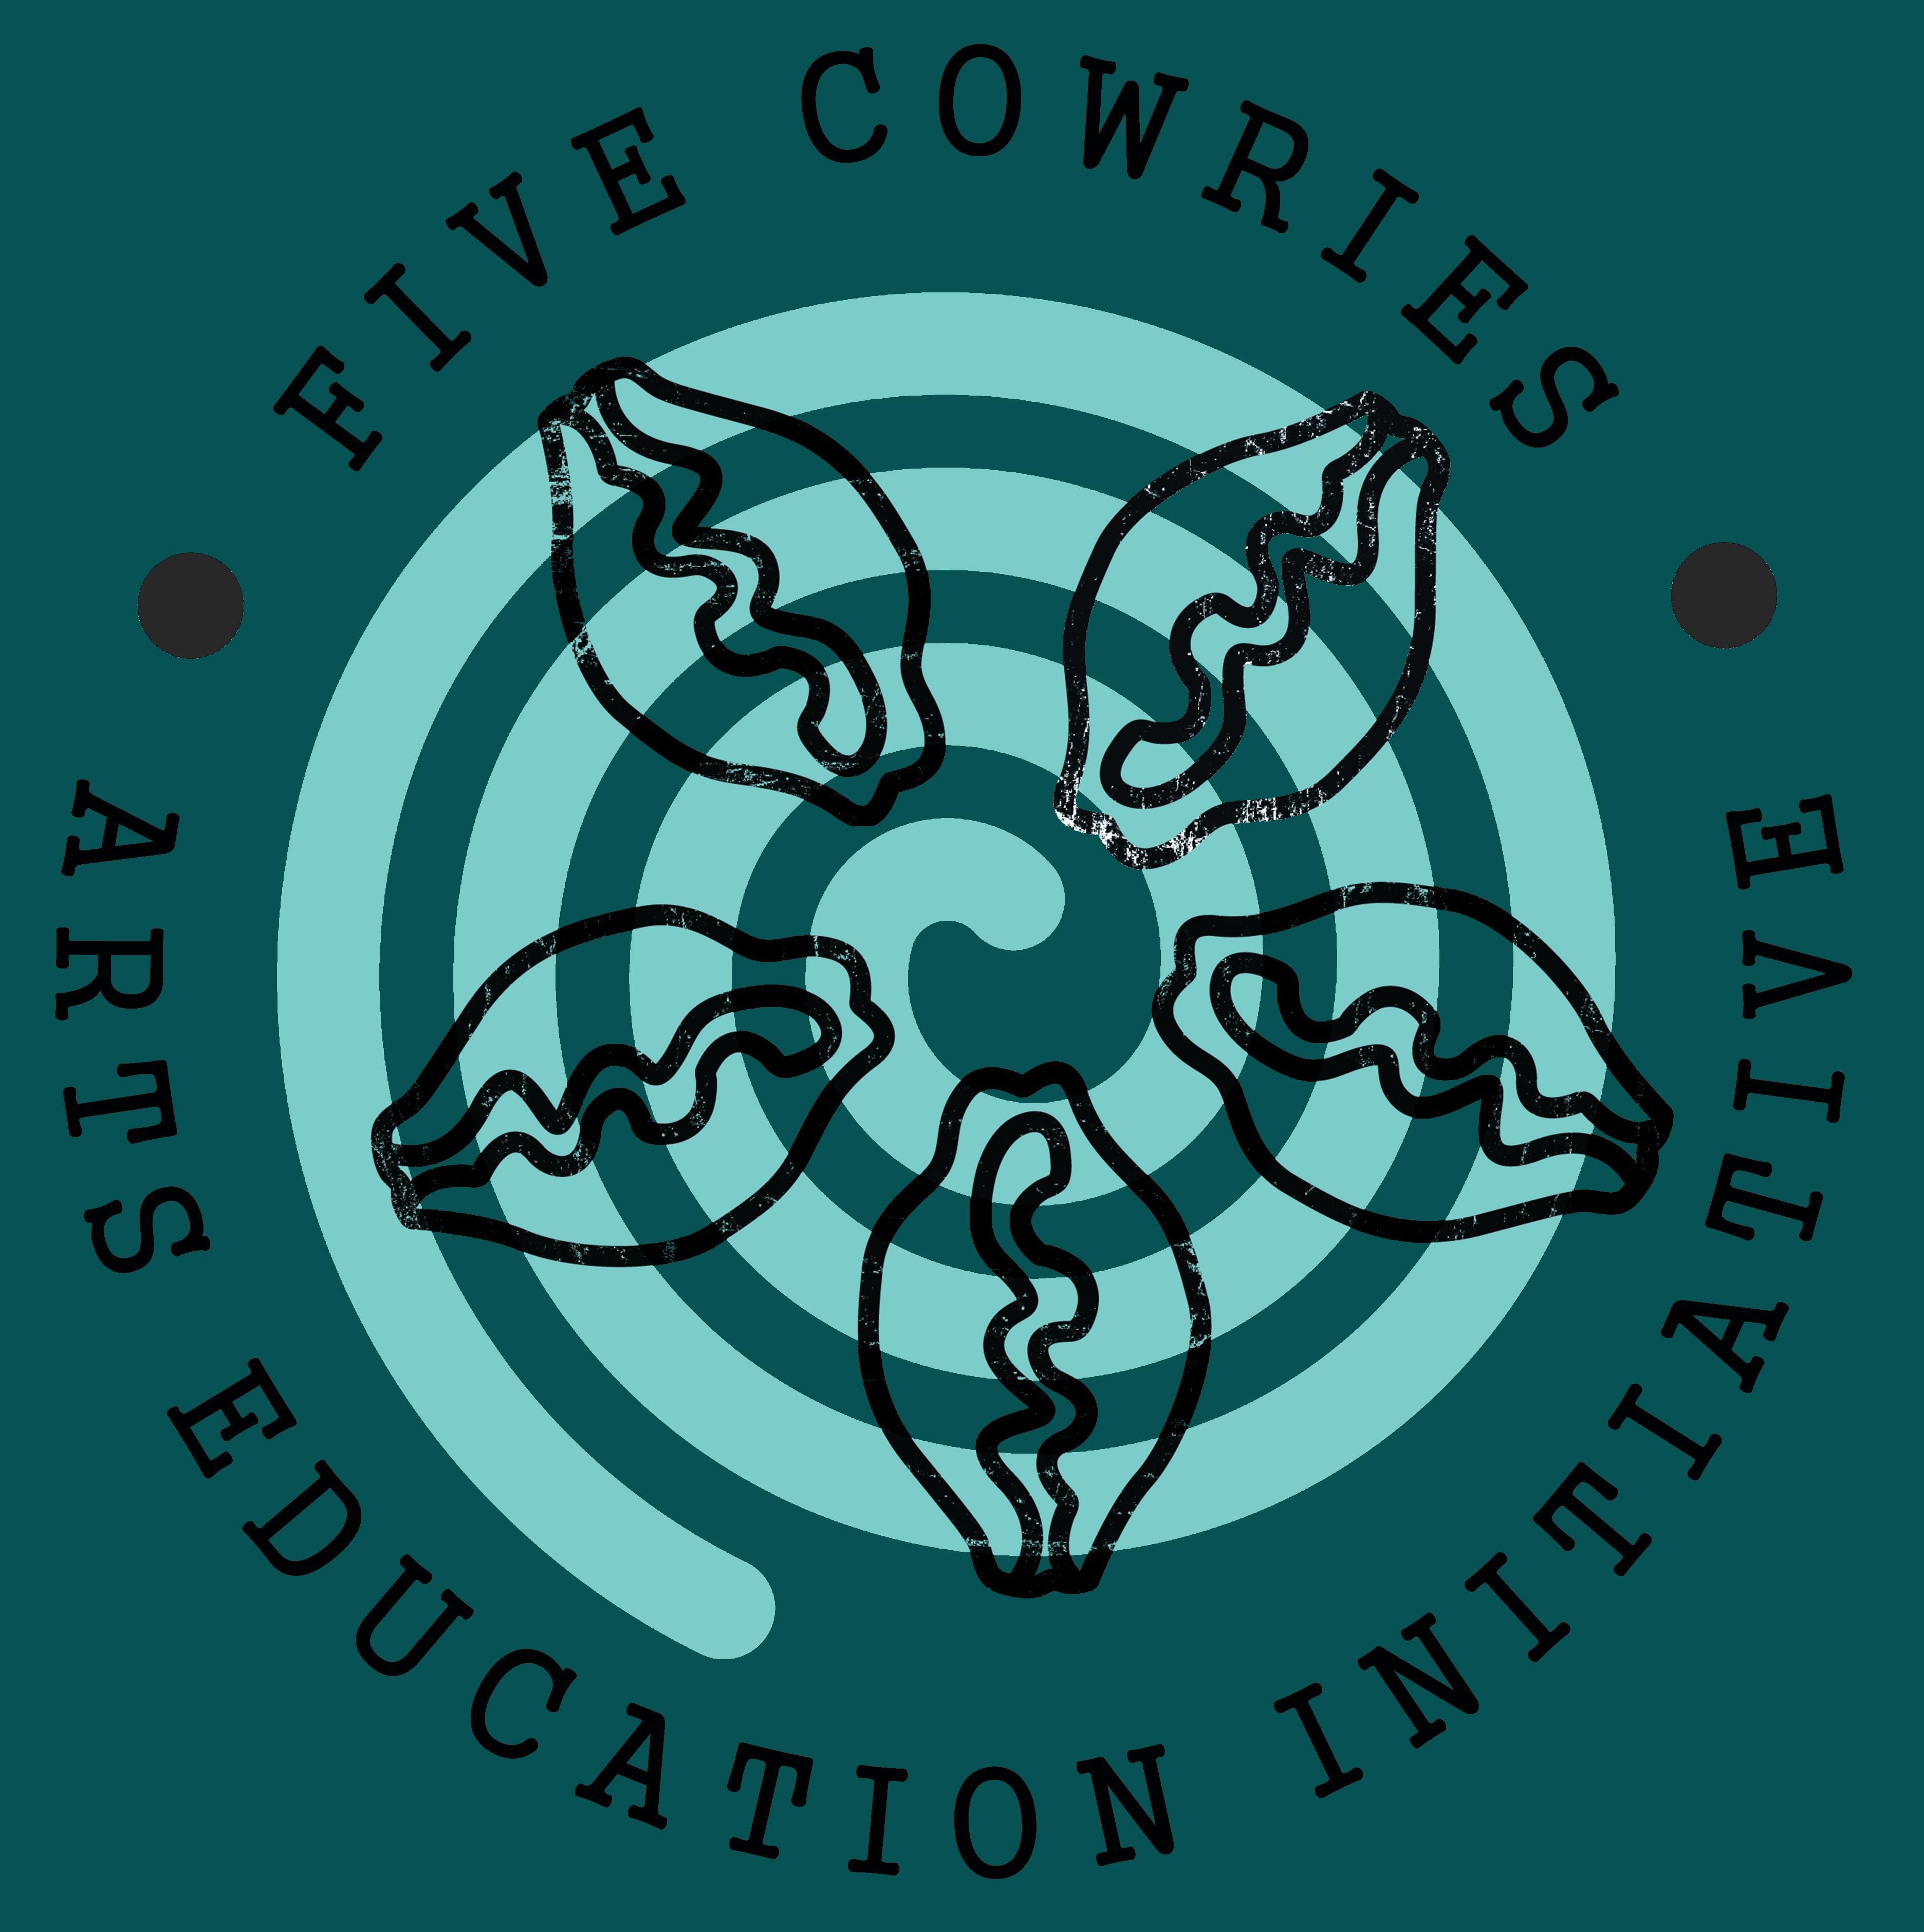 Five Cowries Initiative